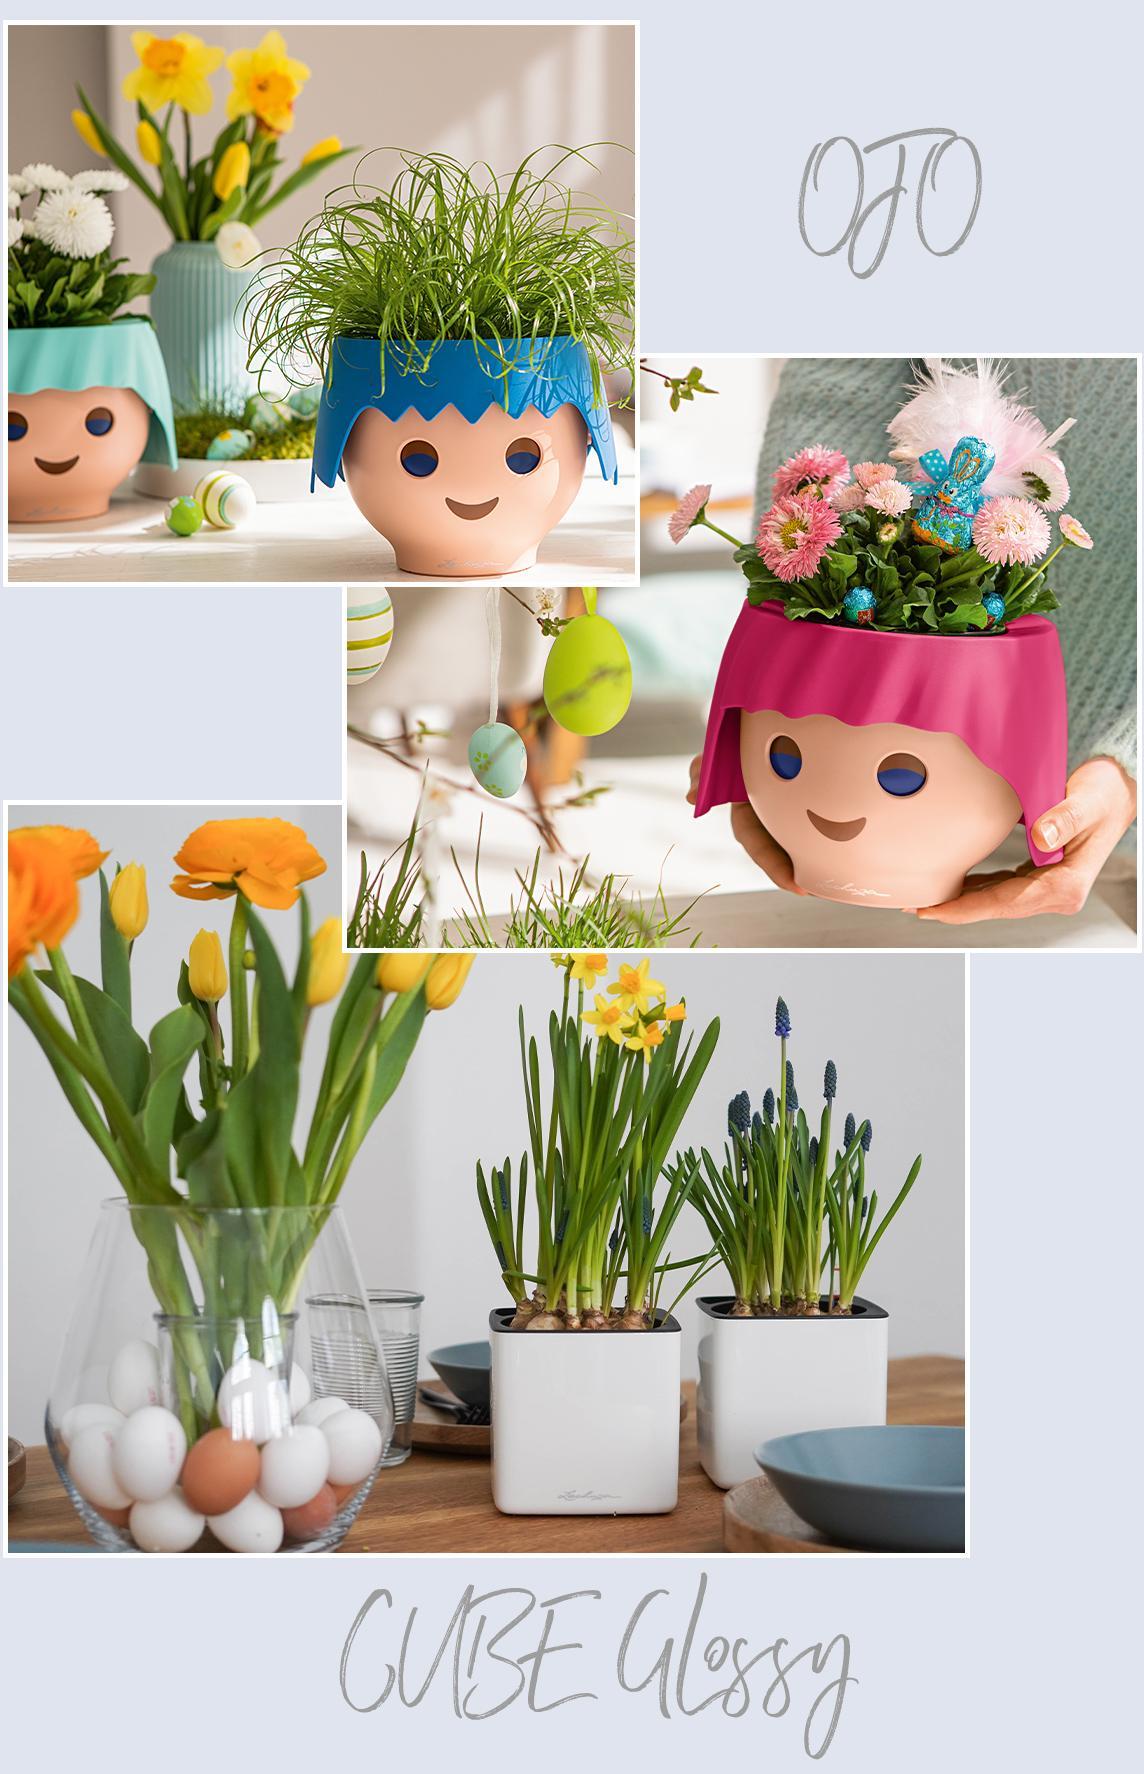 'Цветочные кашпо LECHUZA в форме голов Playmobil с посаженными в них беллисами и декорированные в пасхальном стиле